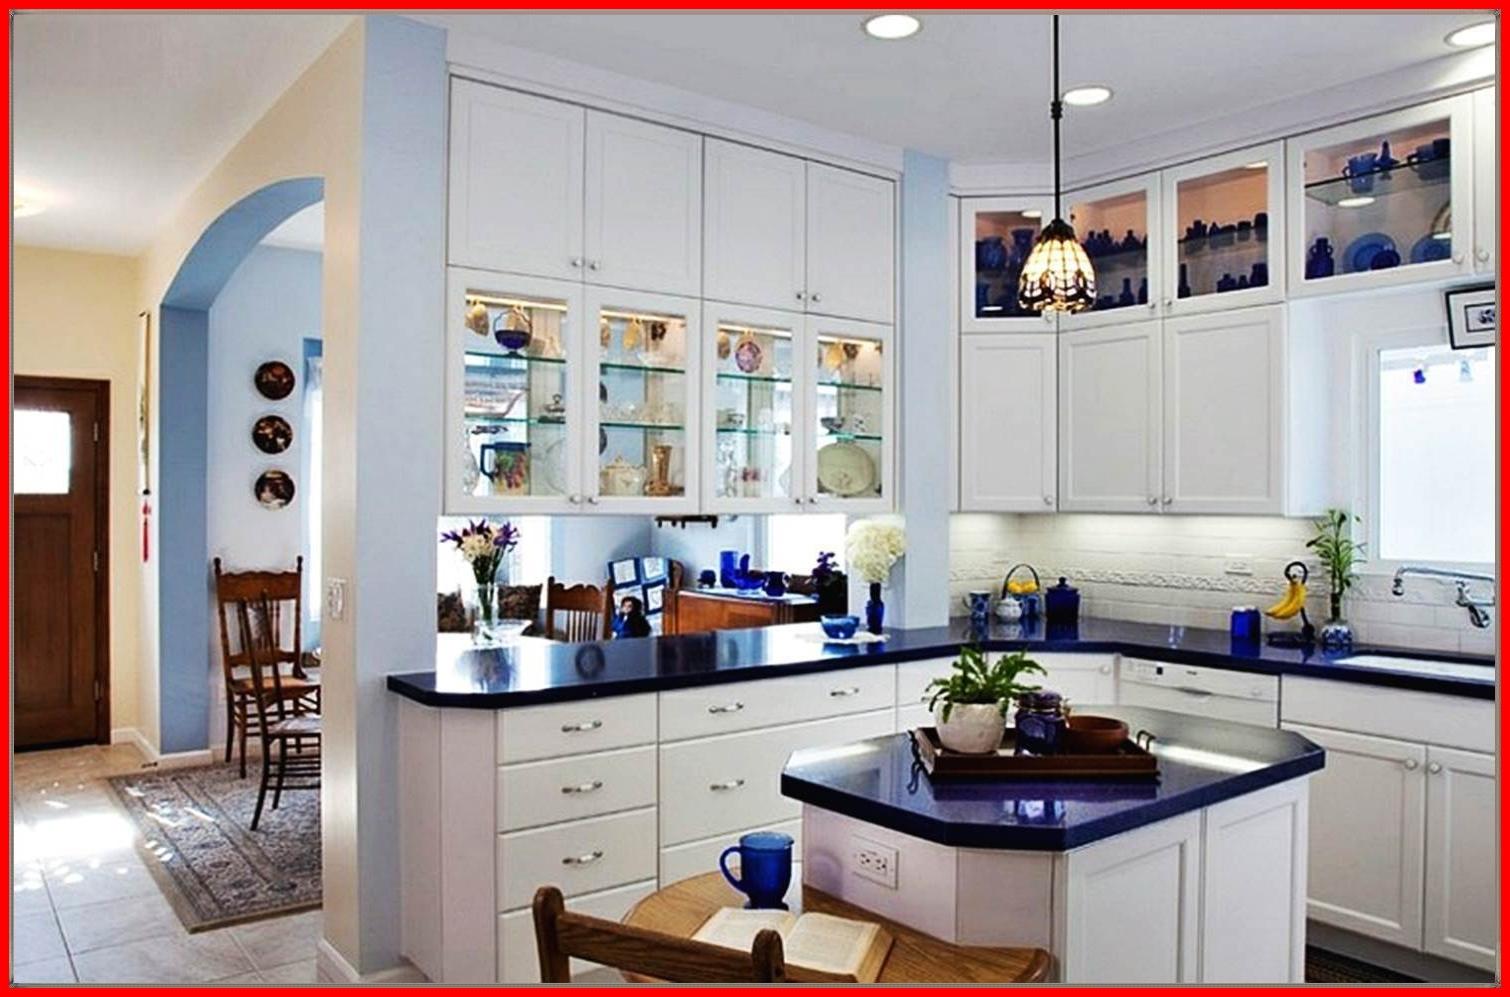 Muebles Para Cocinas Pequeñas 4pde Muebles Para Cocinas Pequeà as islas Para Cocinas Peque as Idea